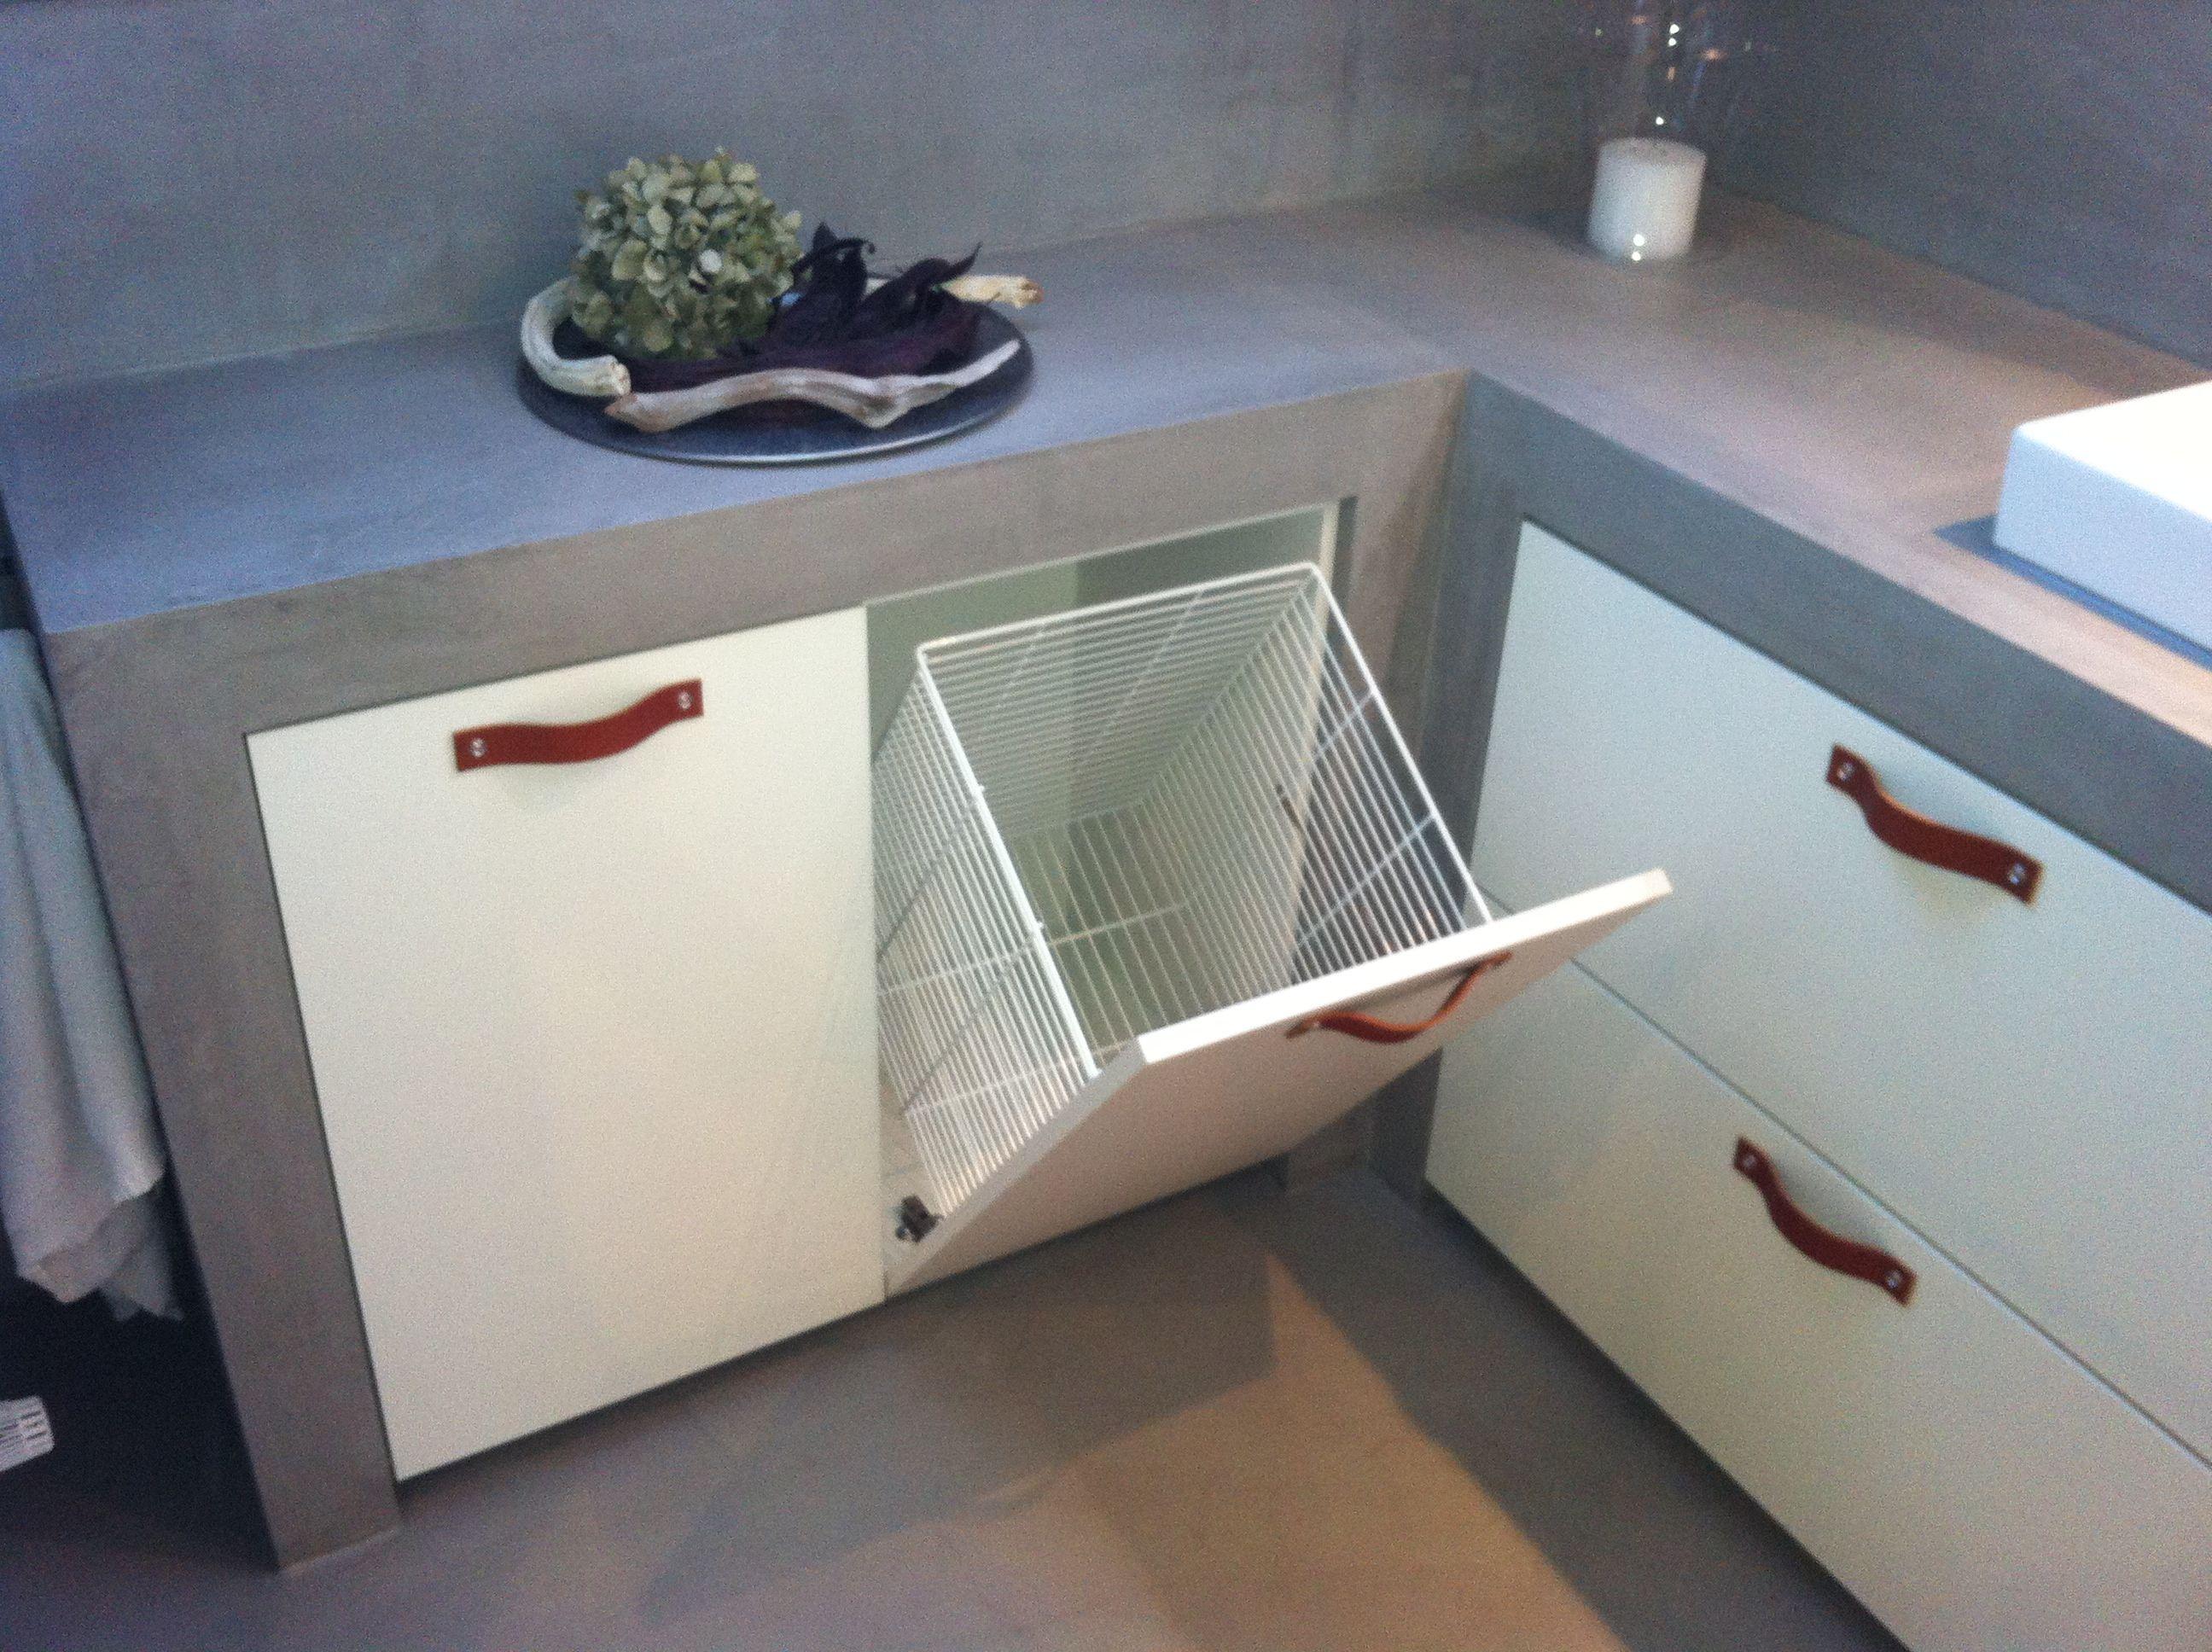 Ikea Badkamer Wasmanden : Afbeeldingsresultaat voor inbouw wasmand ikea laundry laundry